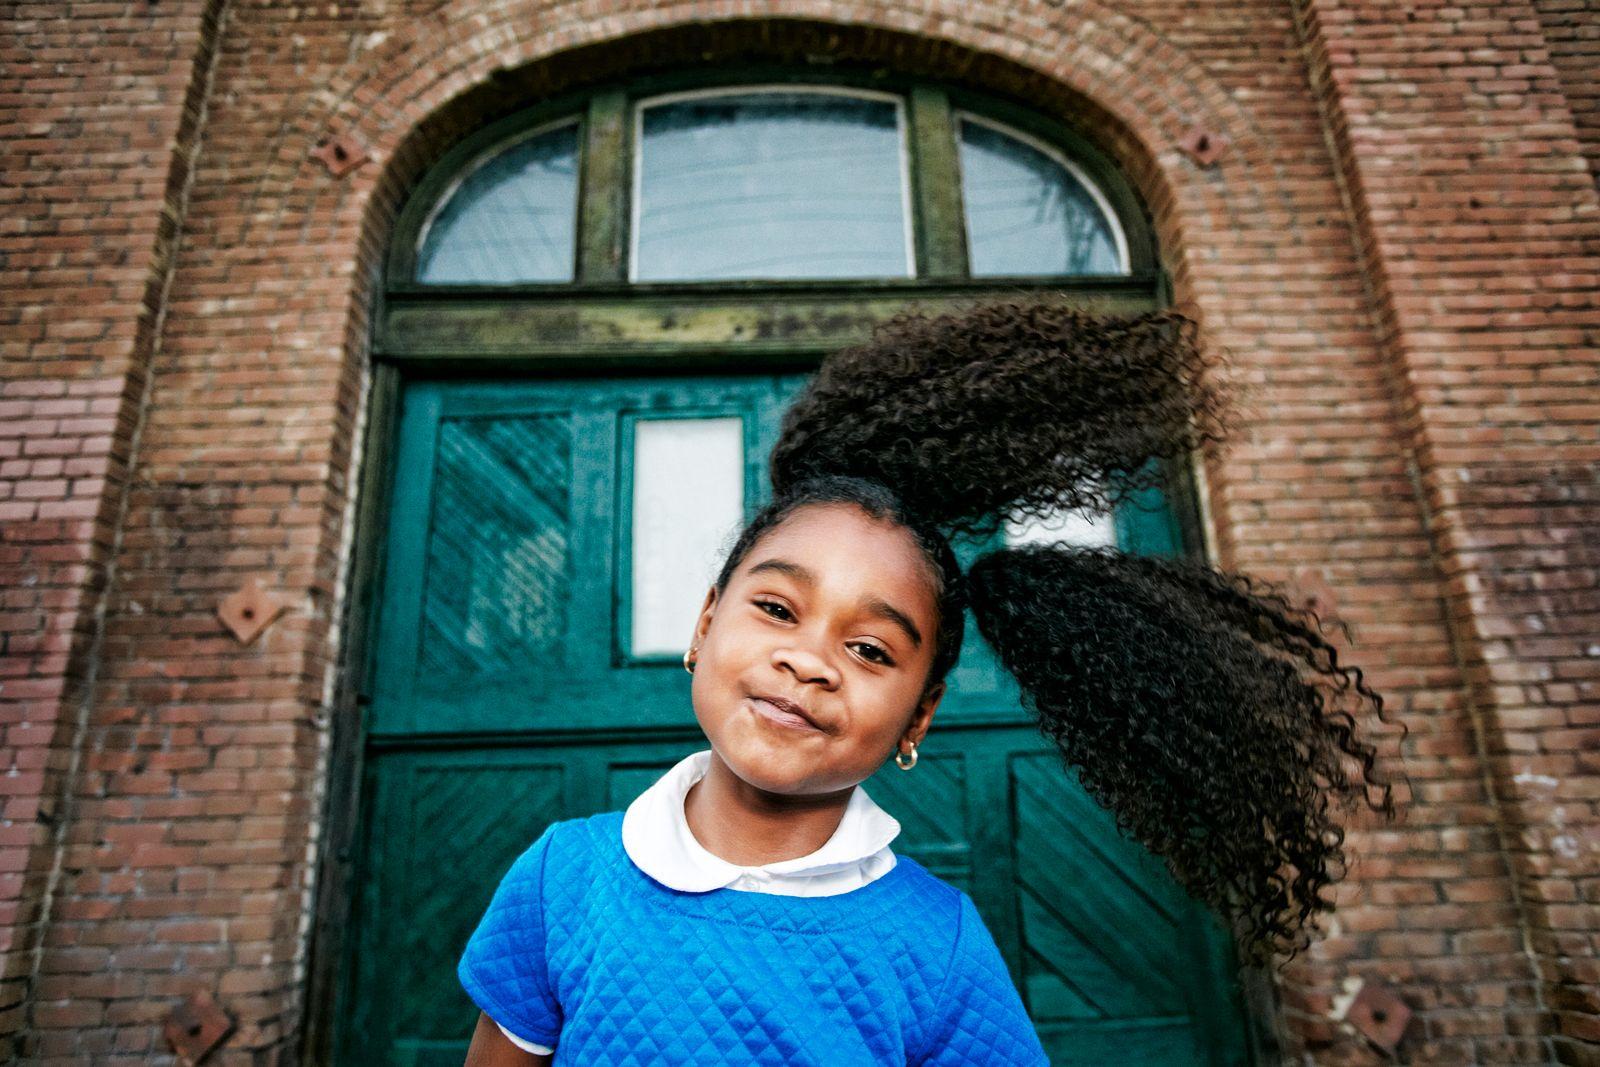 Smiling Black girl tossing hair